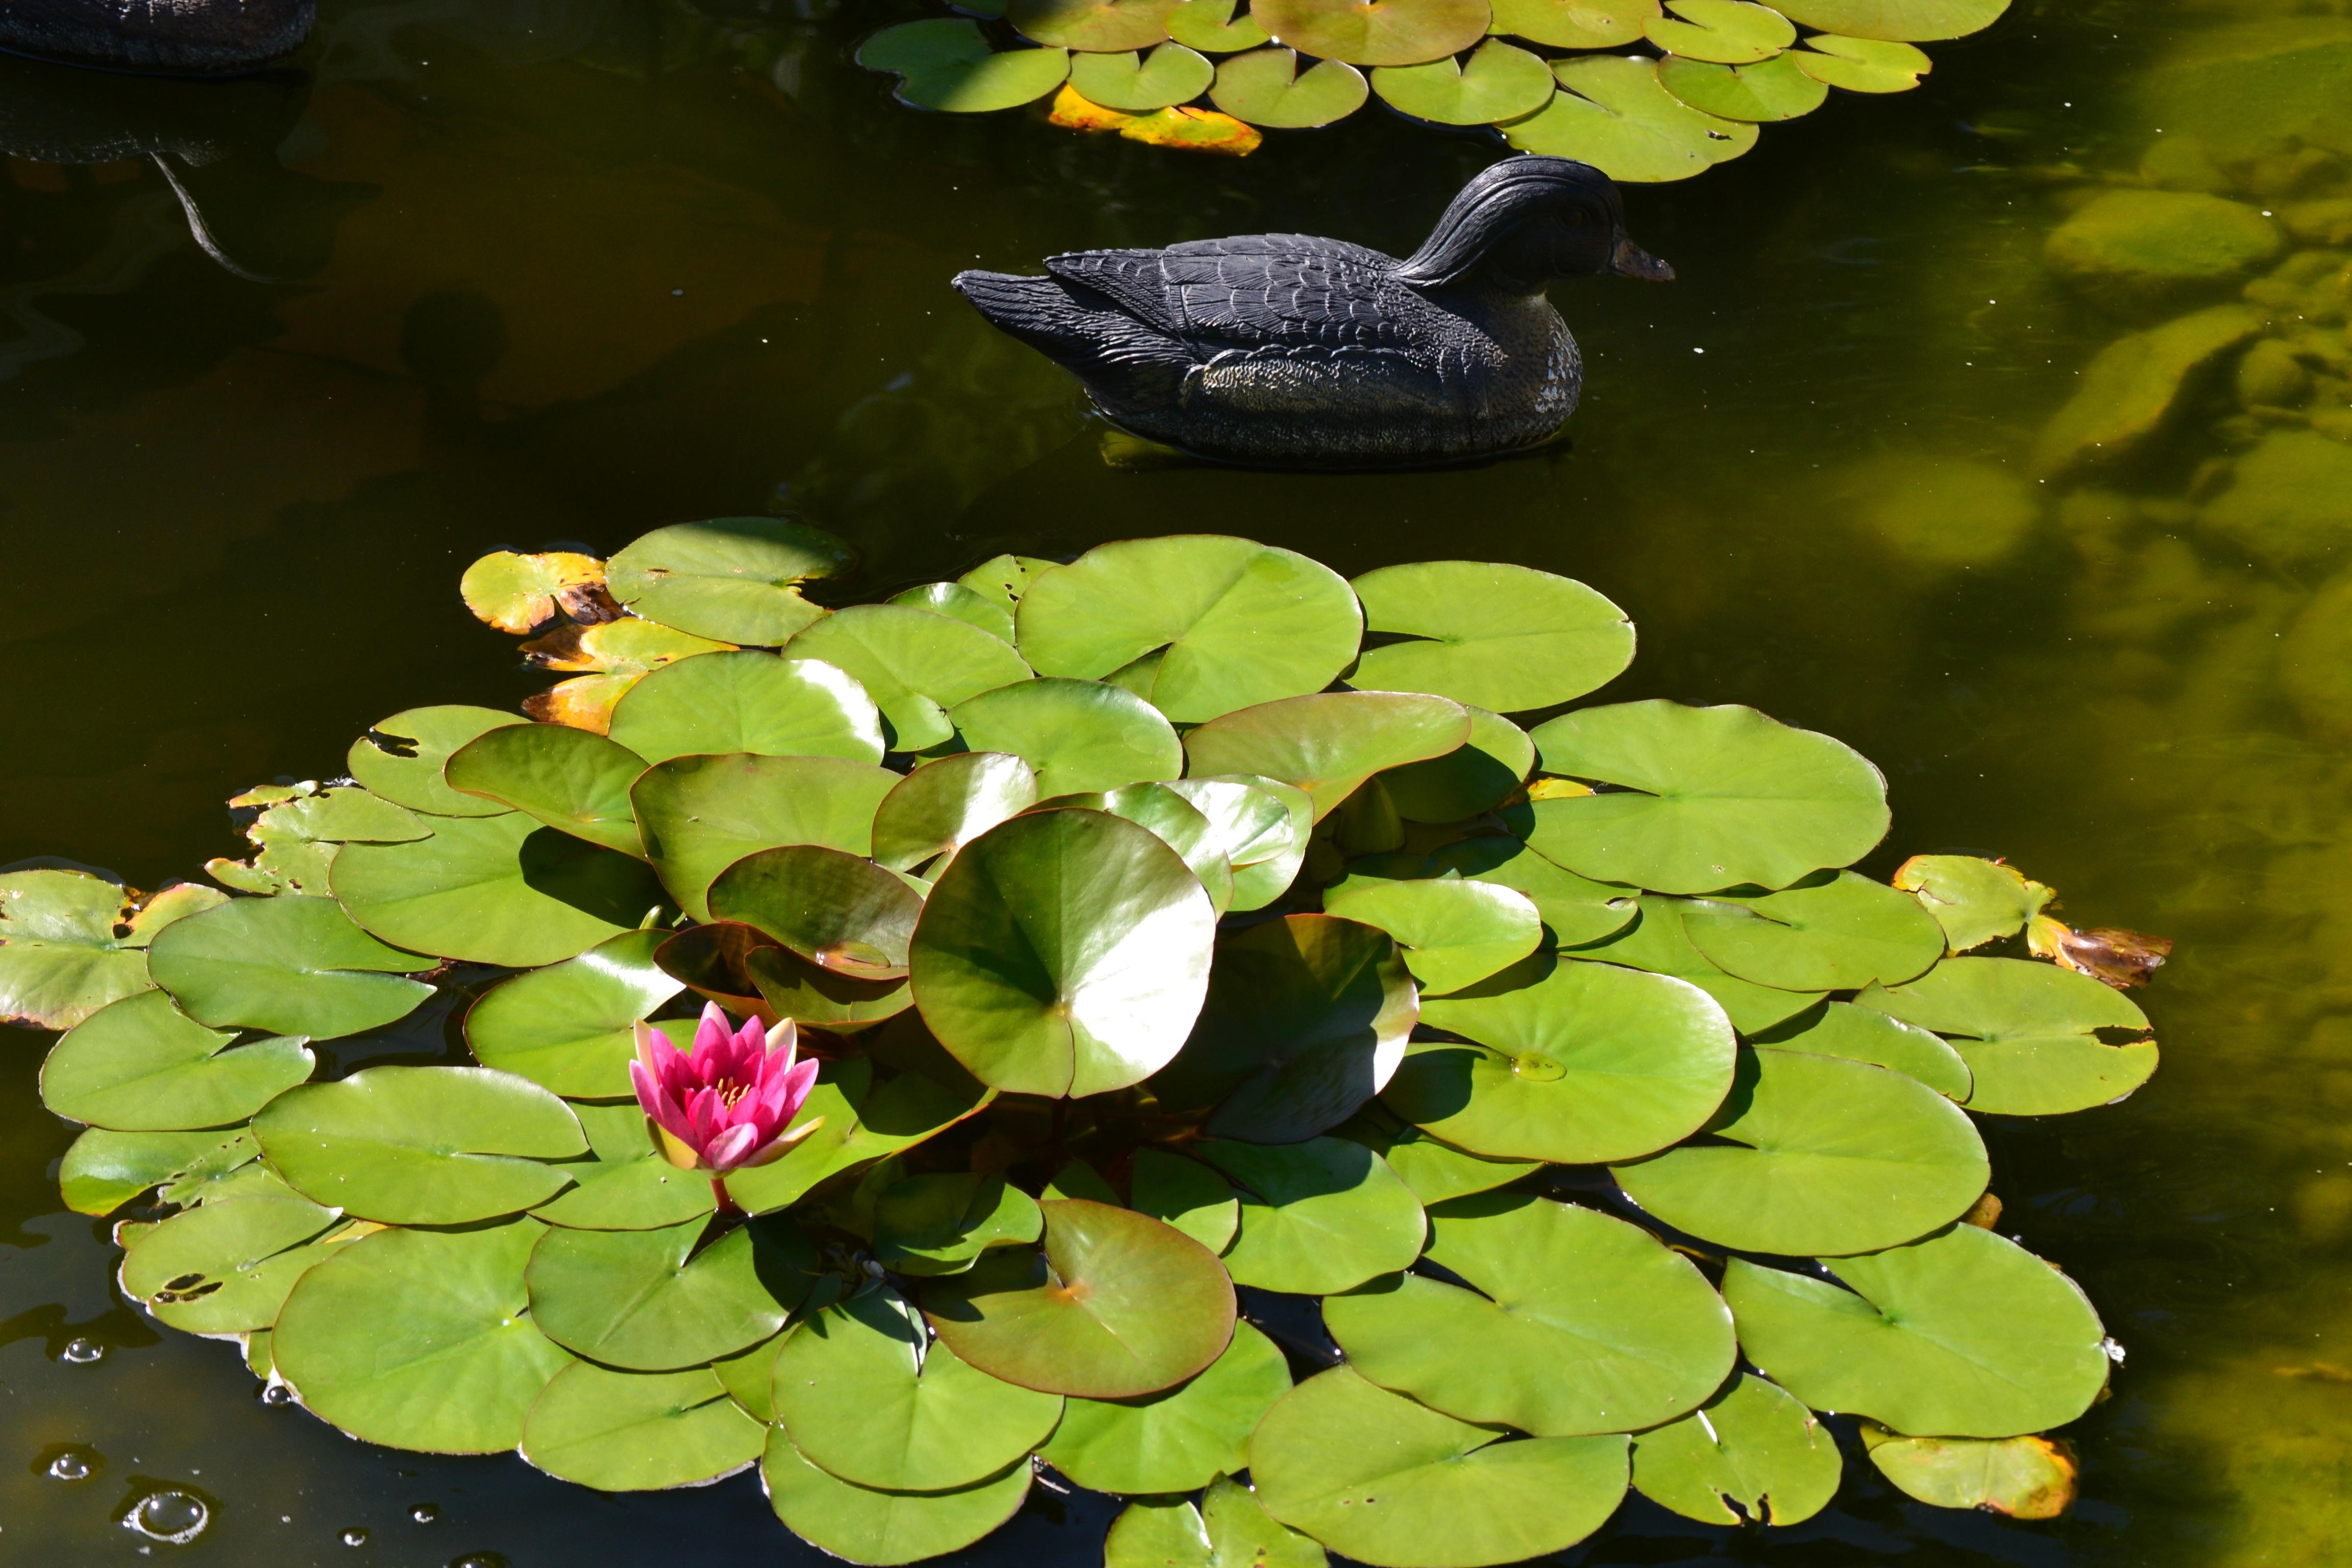 растения пресноводных водоемов фото совещании правительстве выглядит